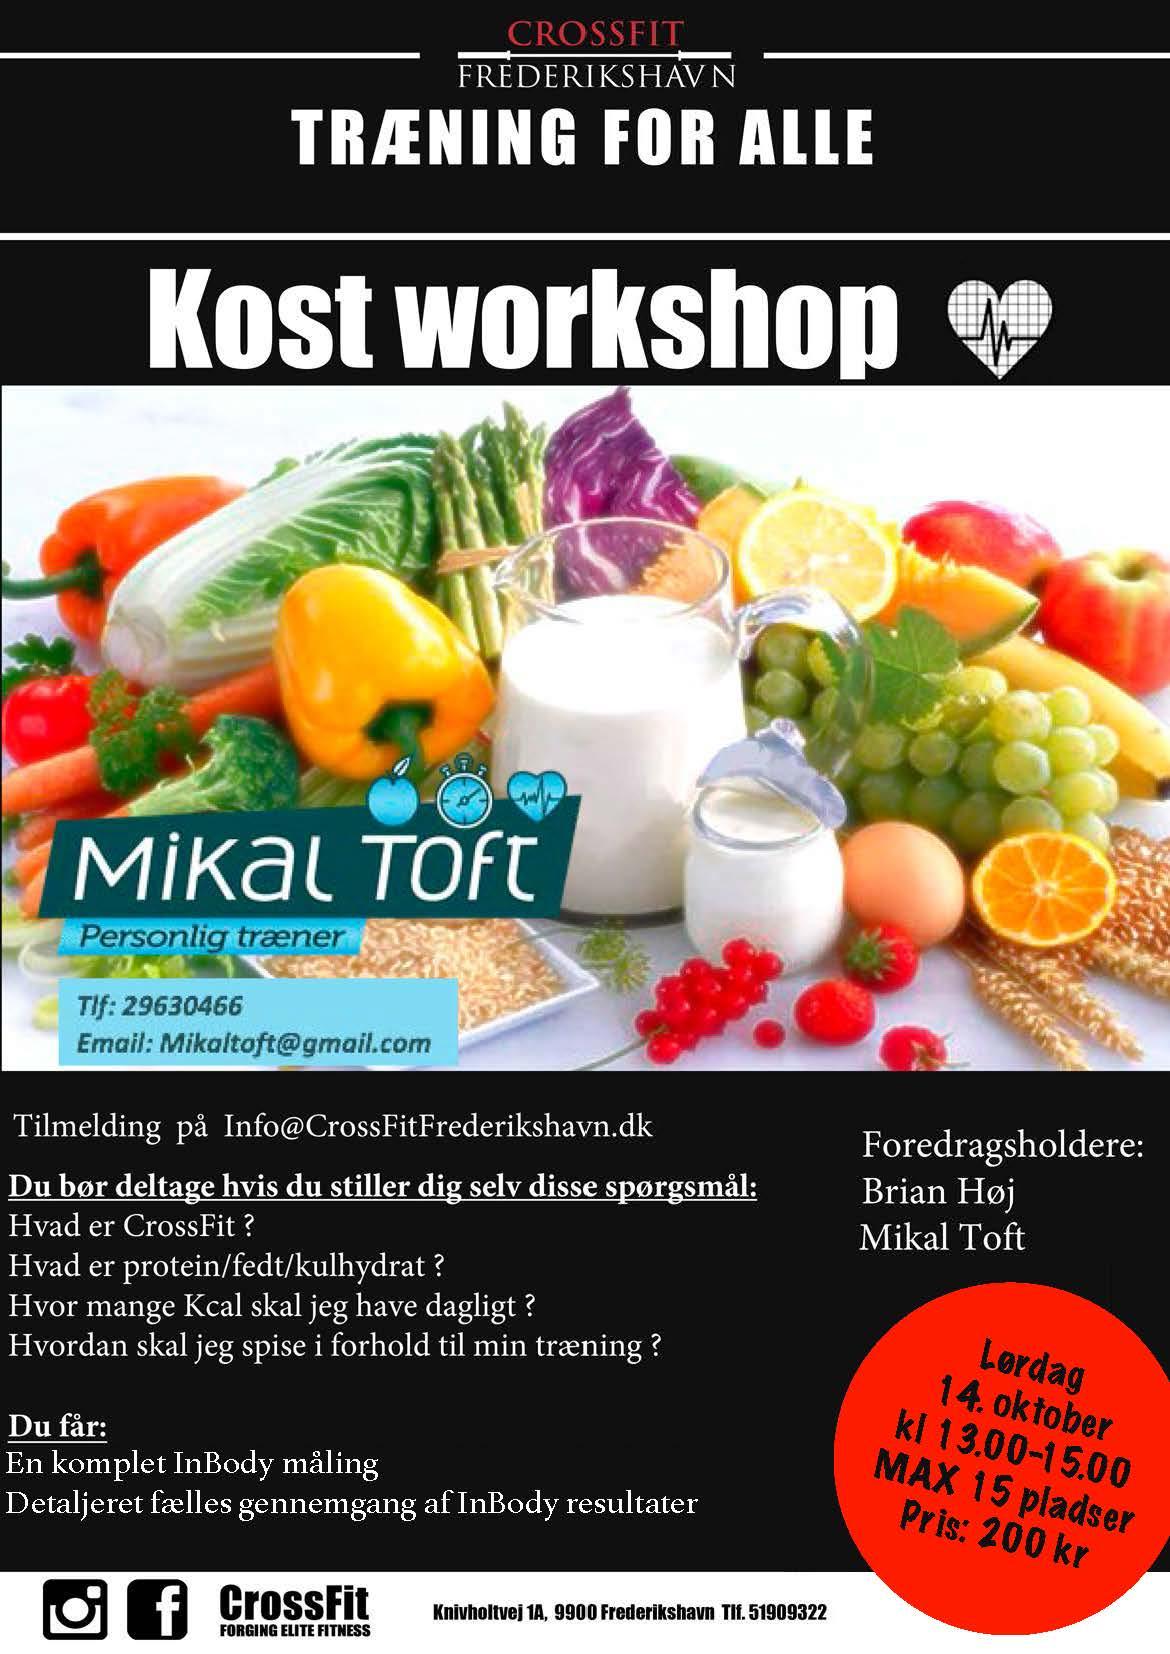 Kost-workshop_red_1-kopi